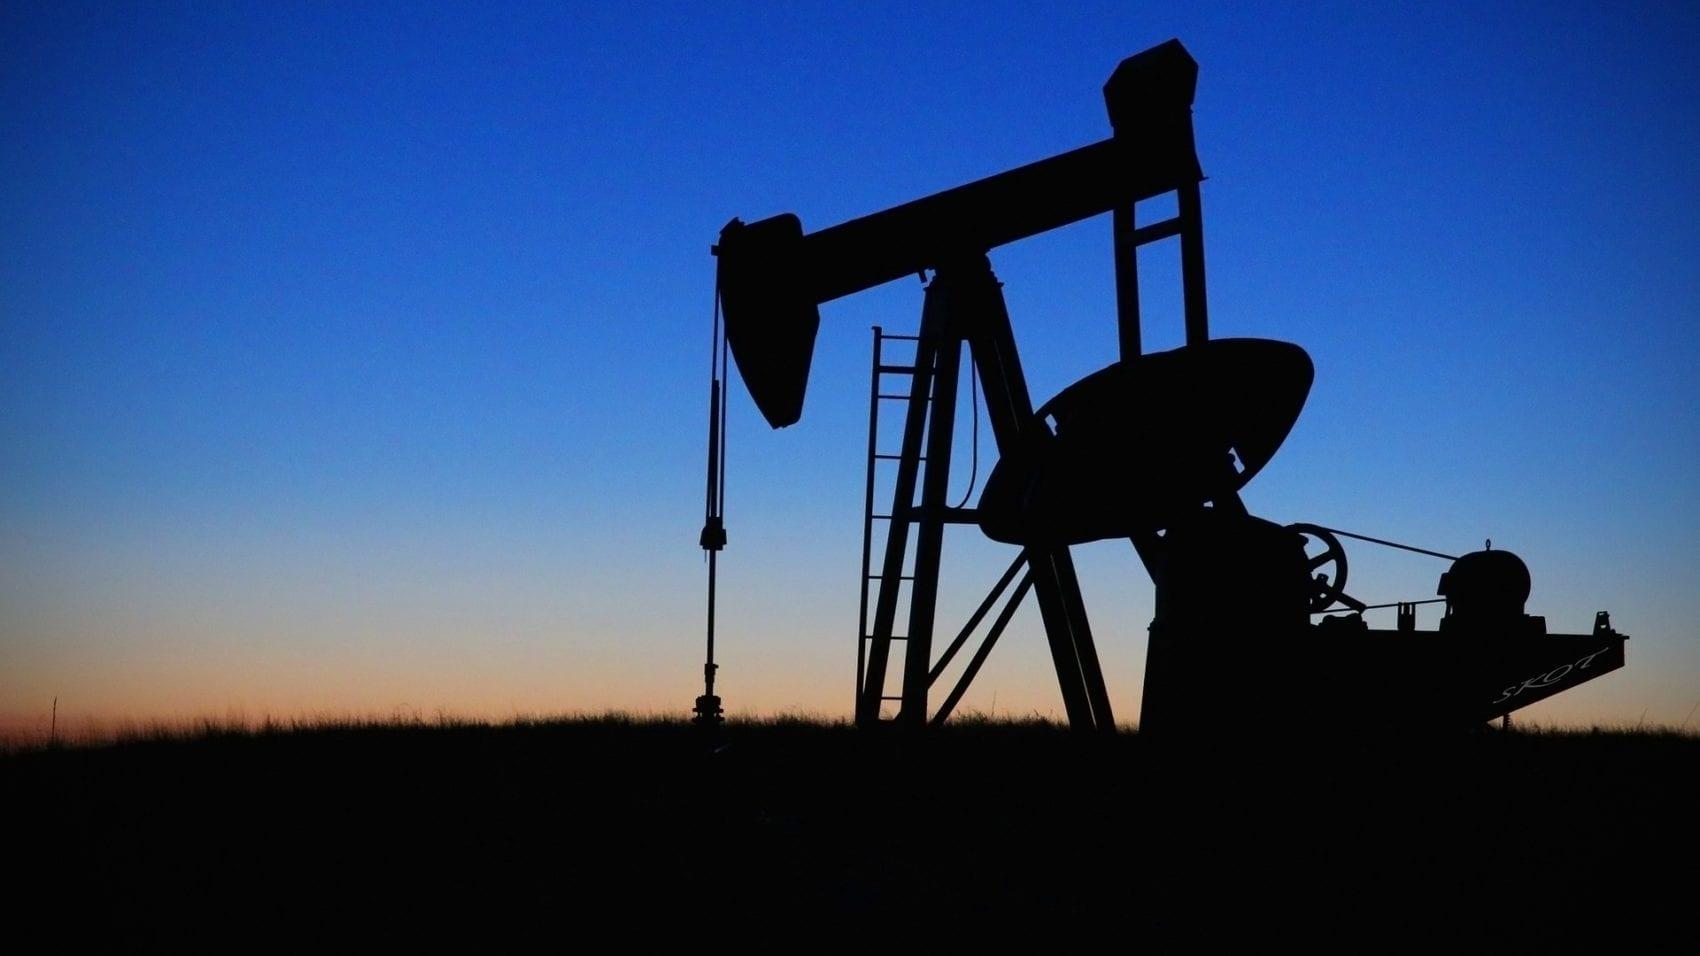 Cotação do petróleo: entenda como funciona o preço dessa commodity